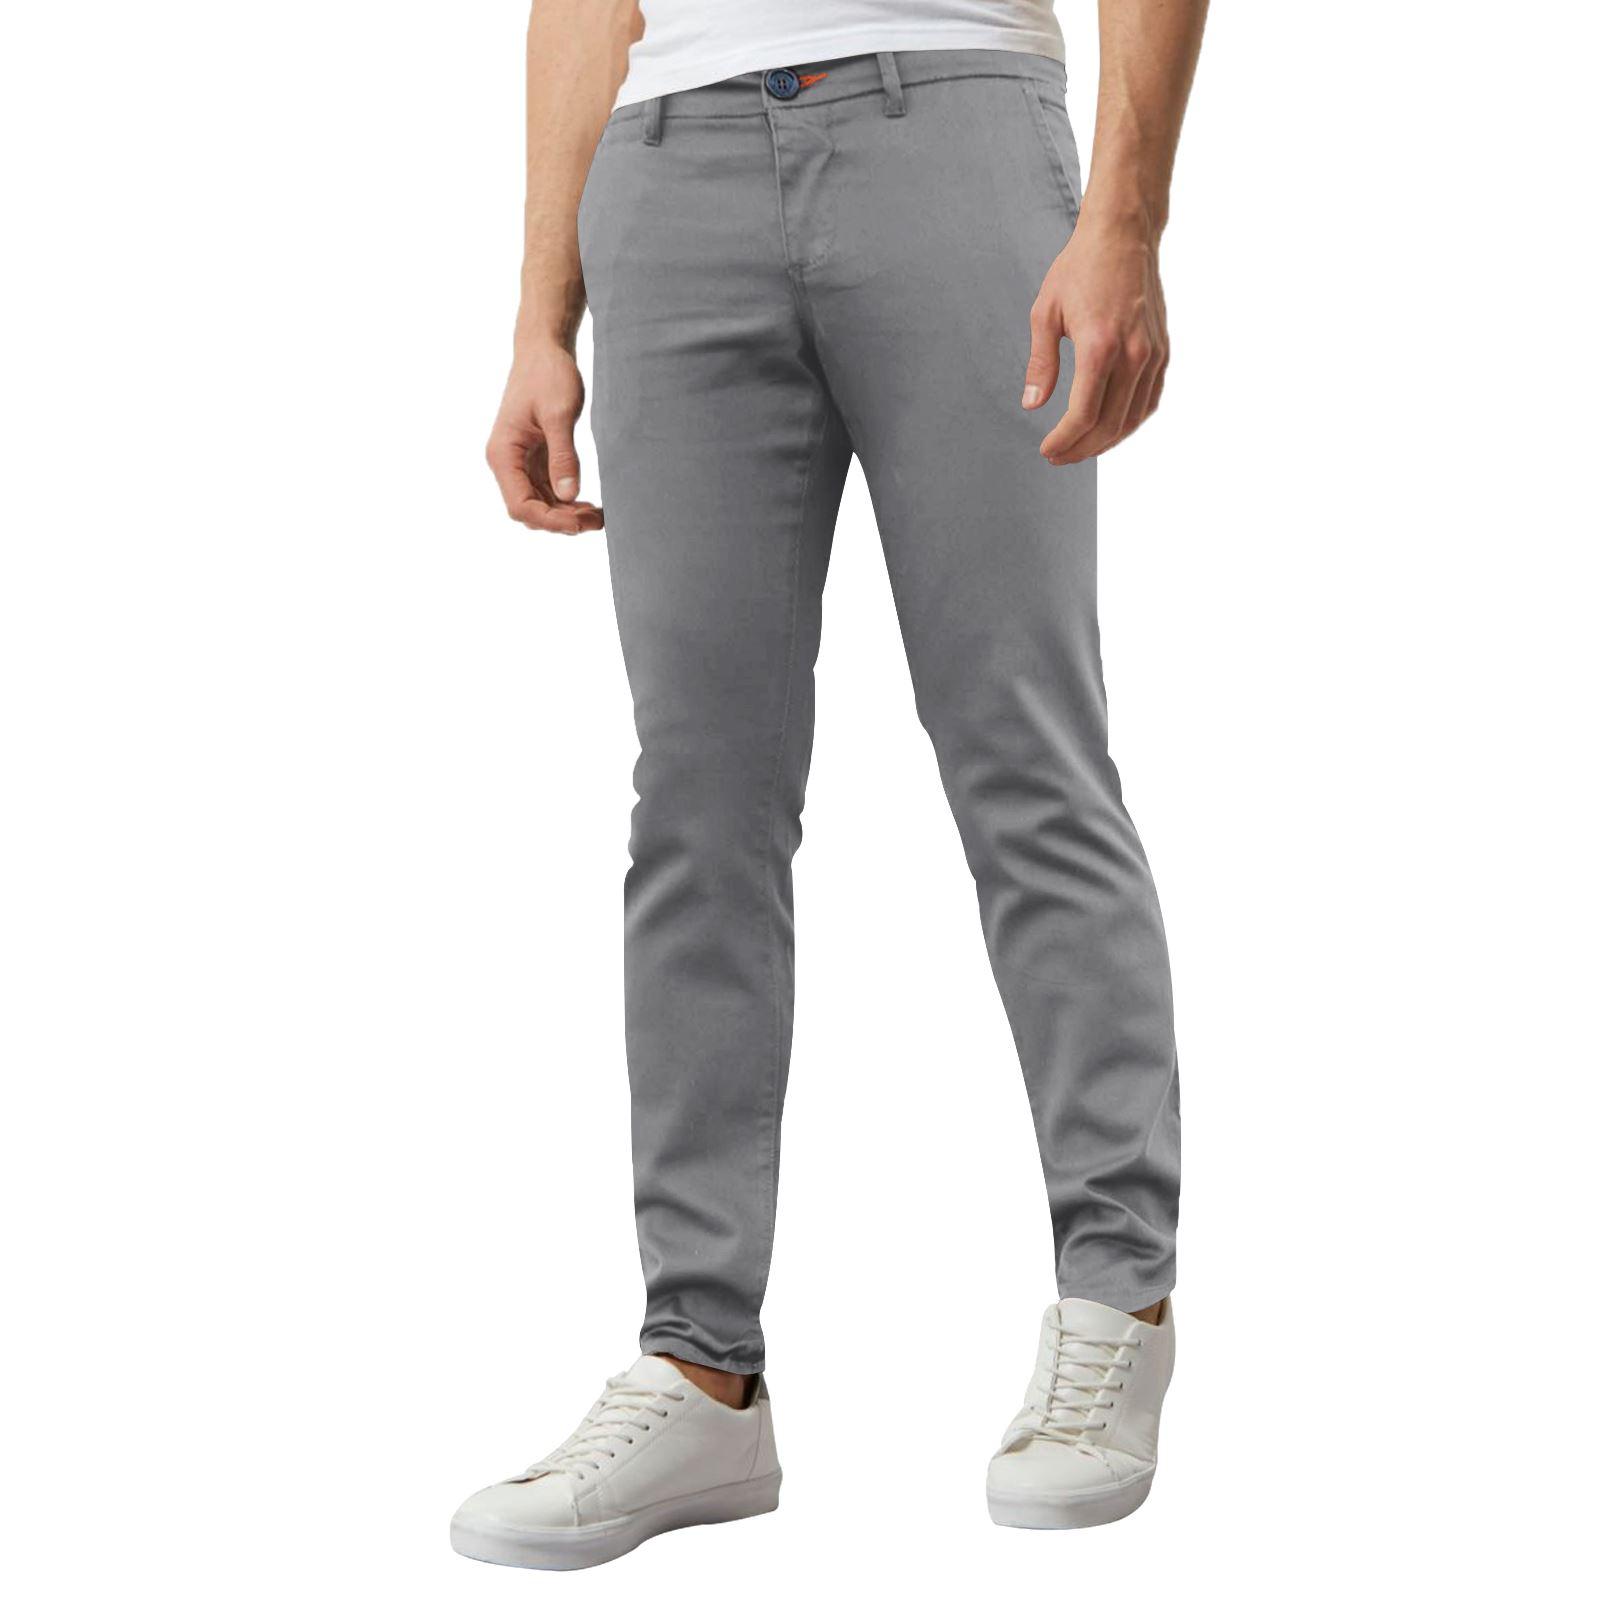 Jeans-Para-Hombre-de-Disenador-Nuevo-chinos-Elastizados-ajustados-Calce-Ajustado-Pantalones-todos miniatura 20